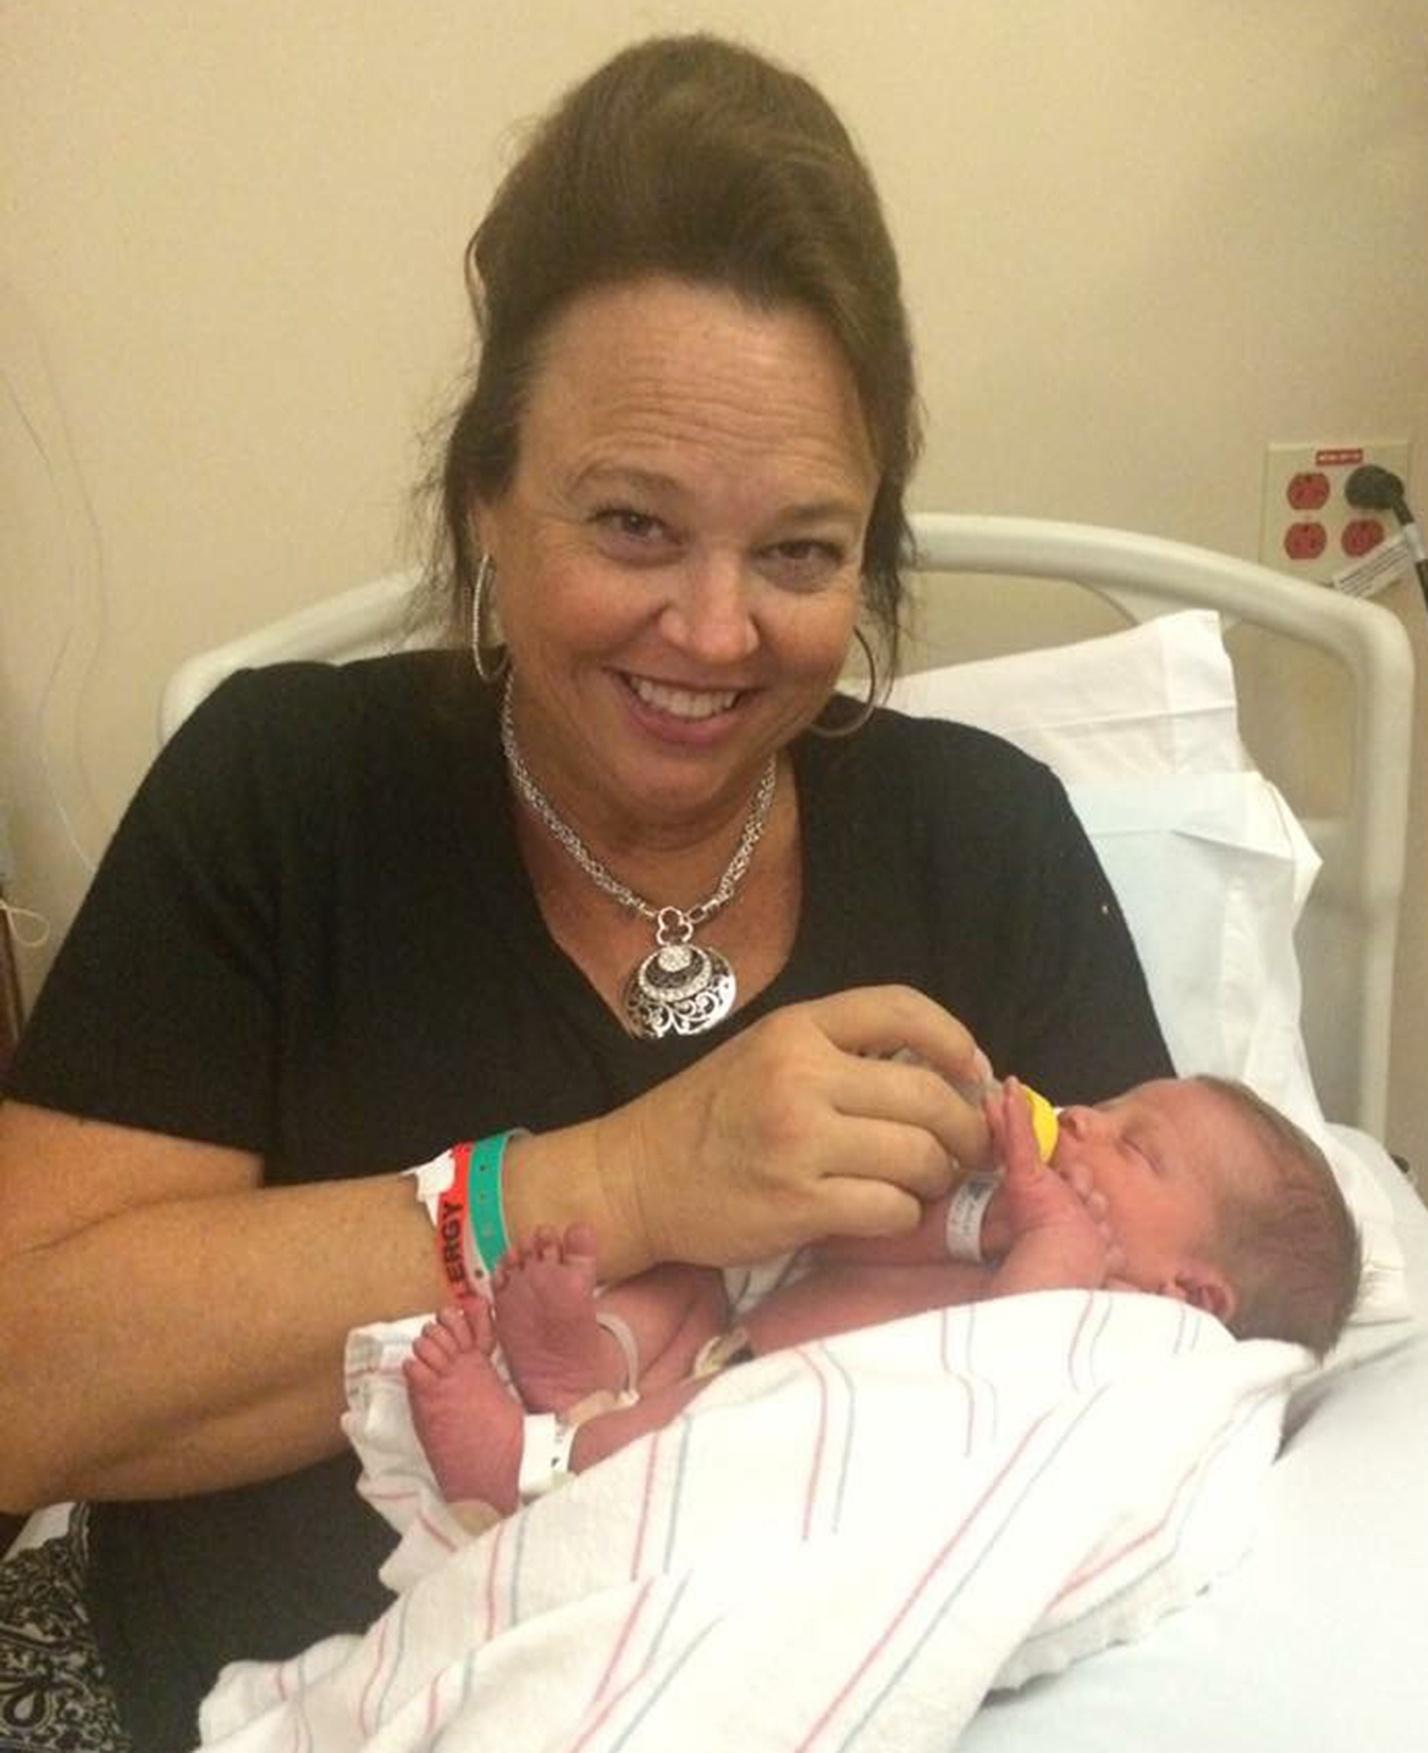 Второй сын для дочери: эта бабушка из Калифорнии сама рожает внуков